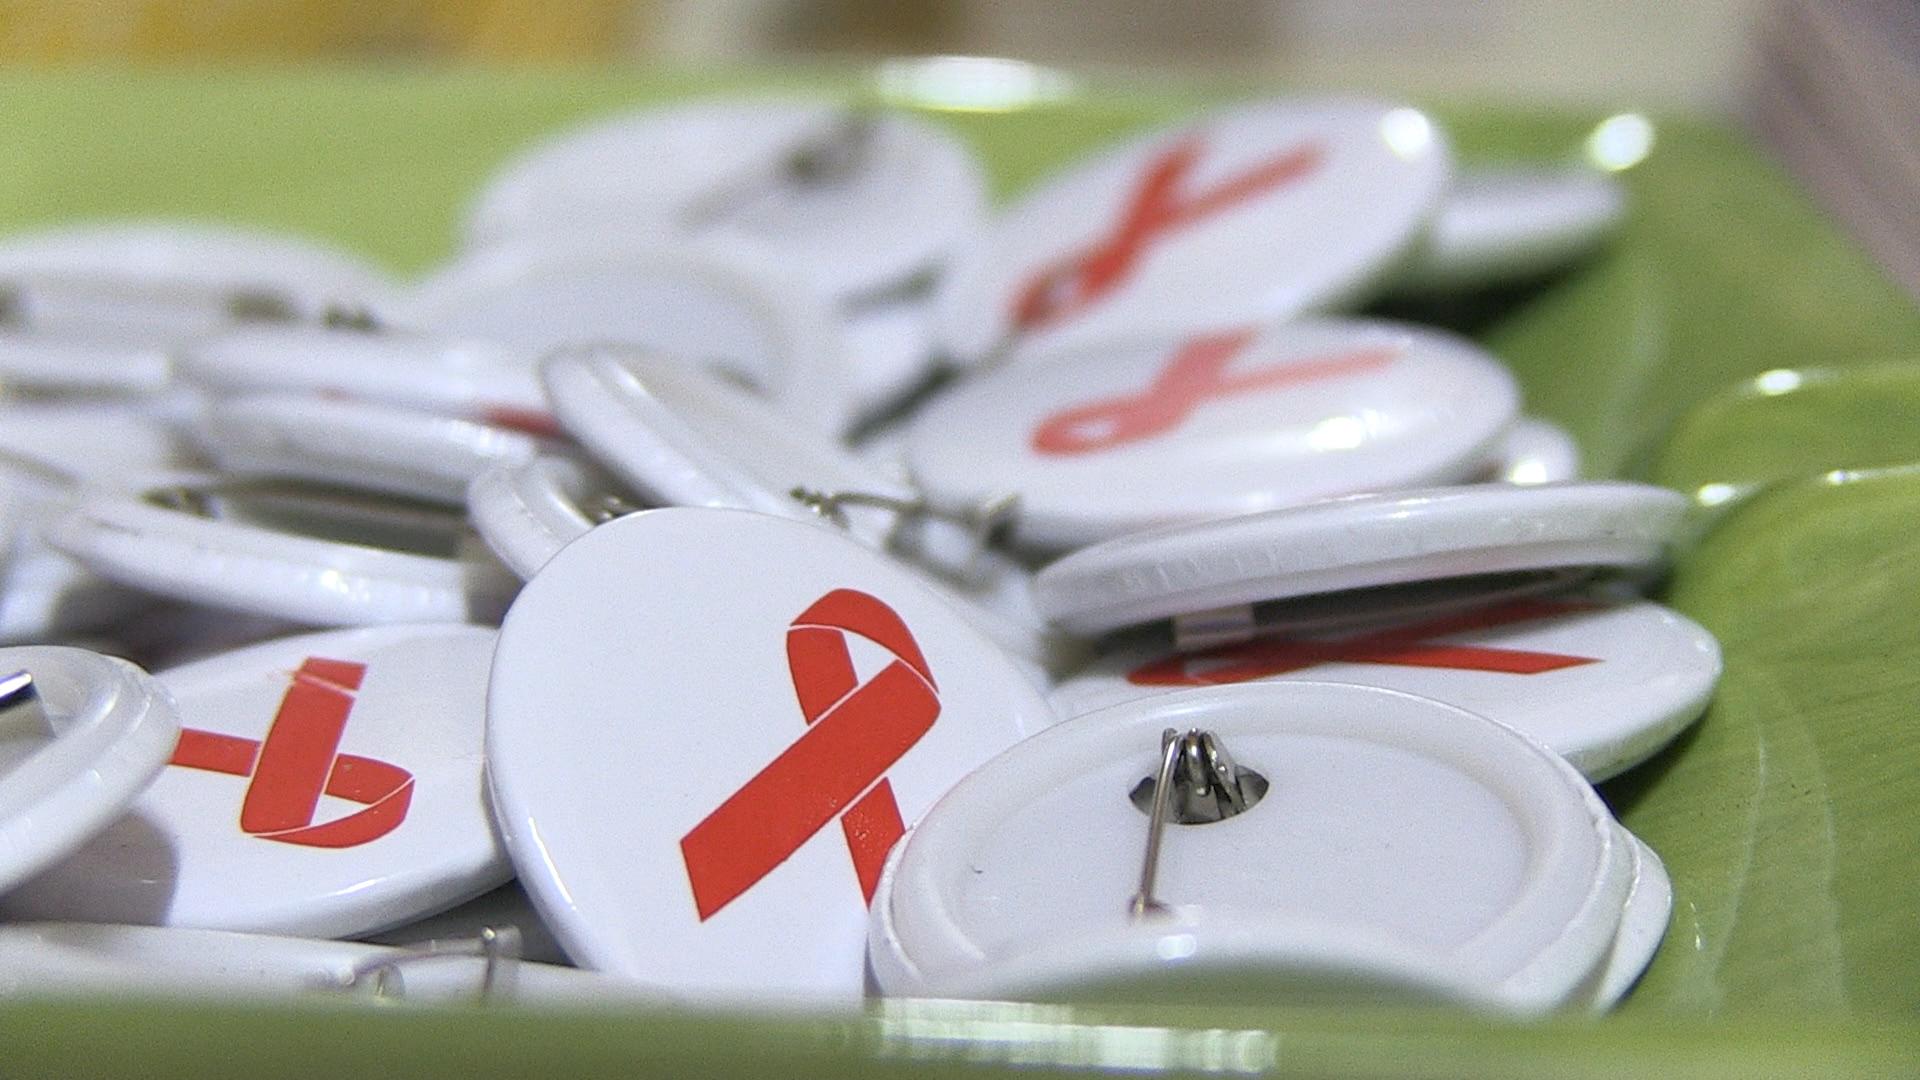 Las imágenes de resonancia magnética pueden ayudar a detectar el VIH en el cerebro